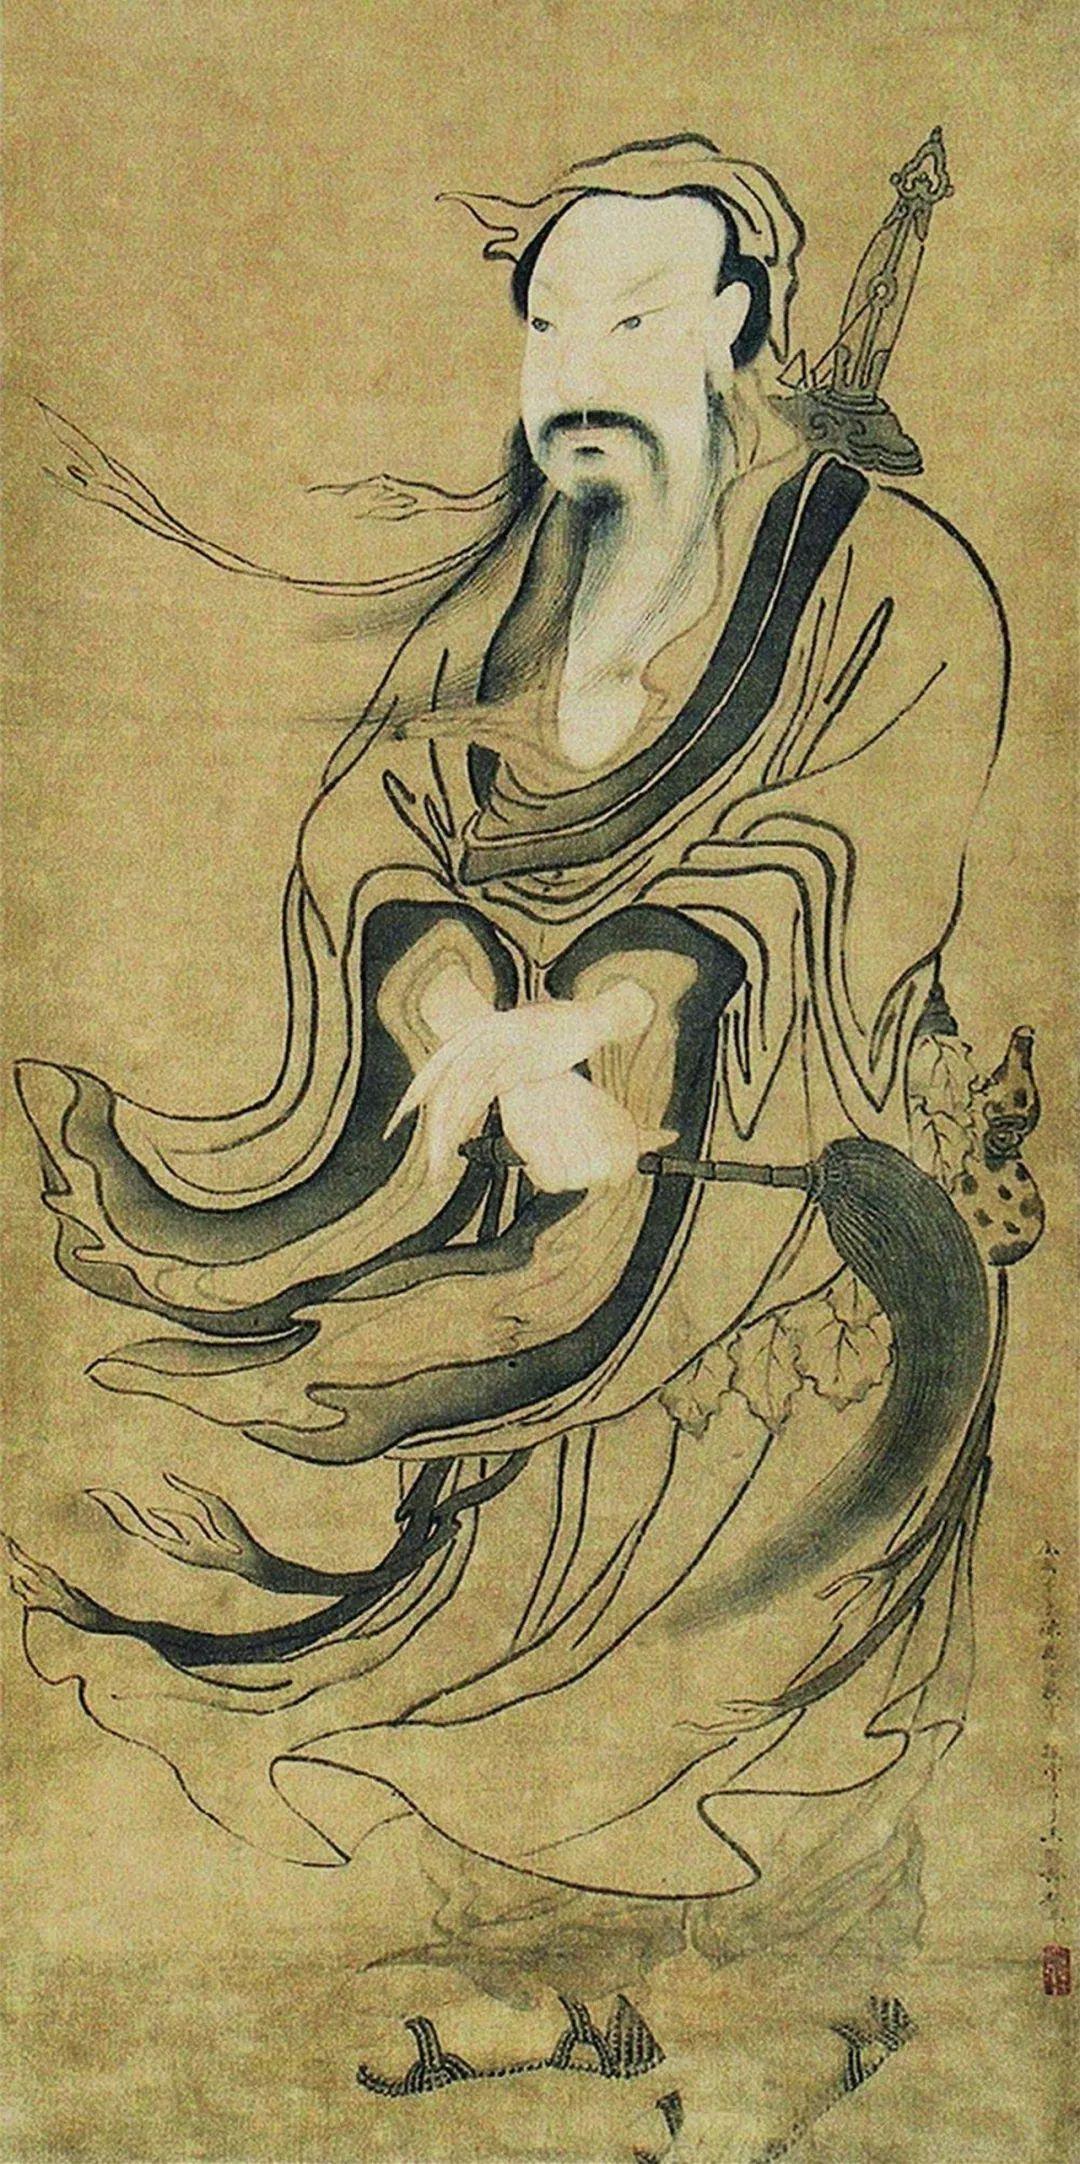 我们纯阳派的祖师爷就是吕洞宾祖师爷,之前有一个藏传佛教的居士出于图片